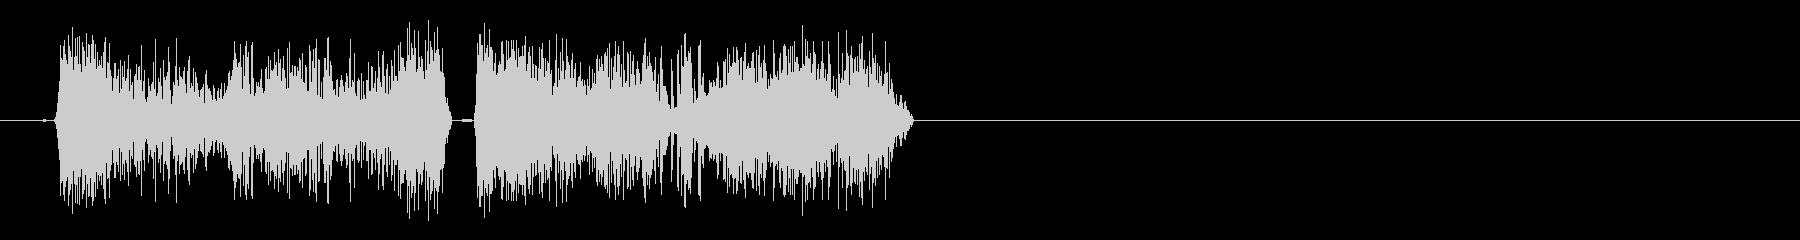 クイックスクランブルカットトランジ...の未再生の波形